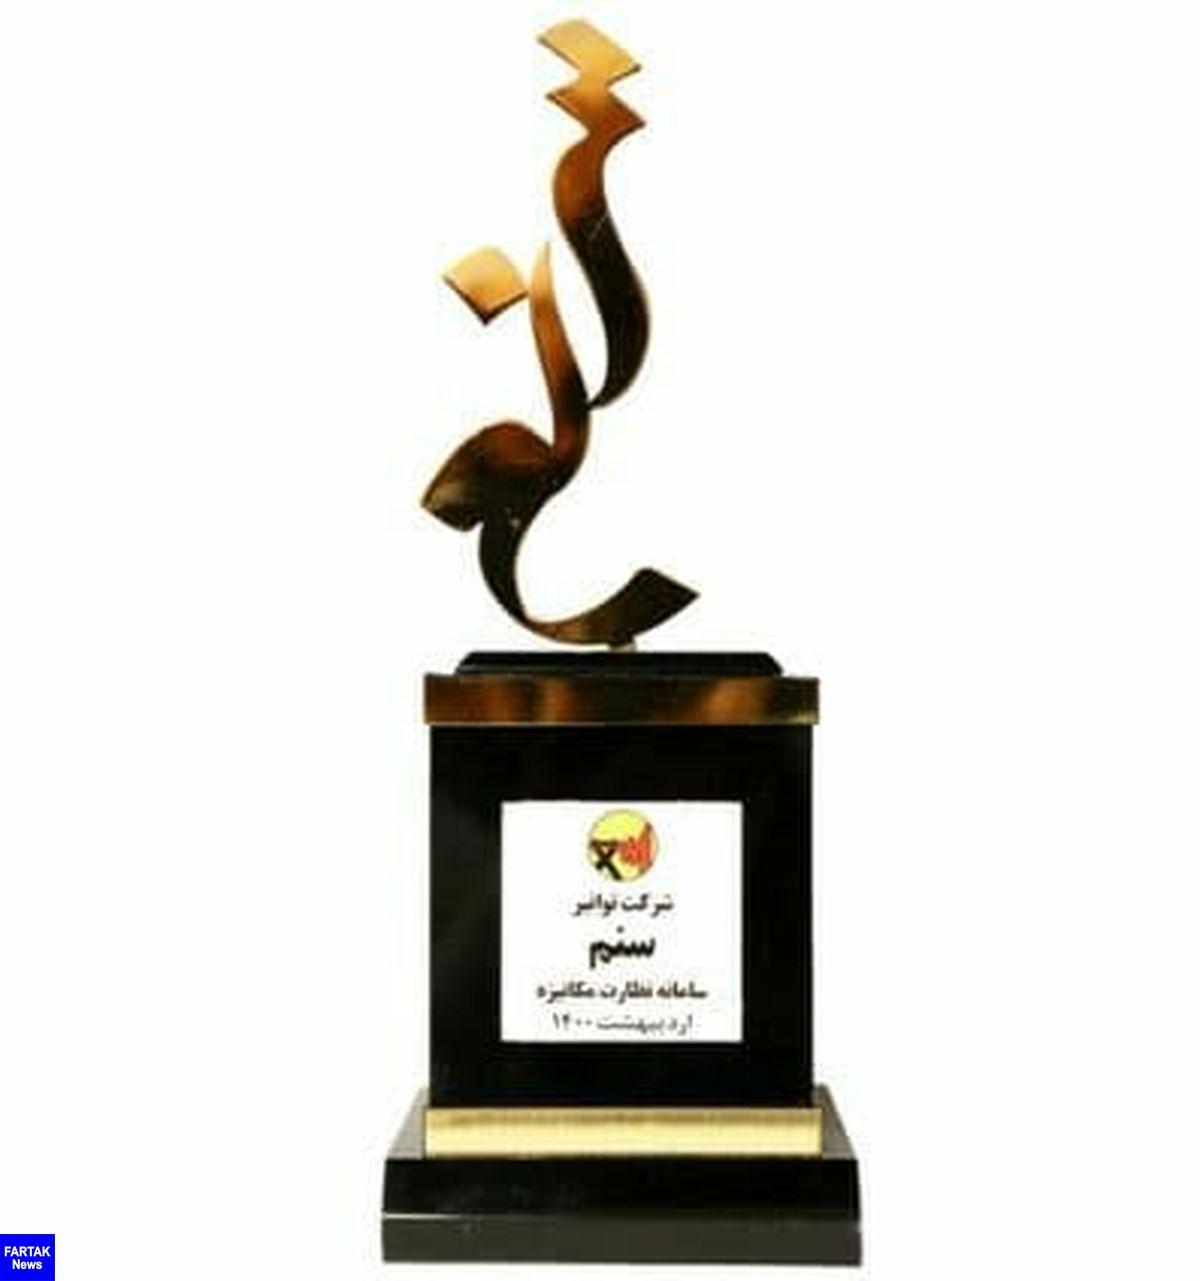 شرکت توزیع نیروی برق استان کرمانشاه تندیس برتر طرح کشوری «سنم» را کسب کرد